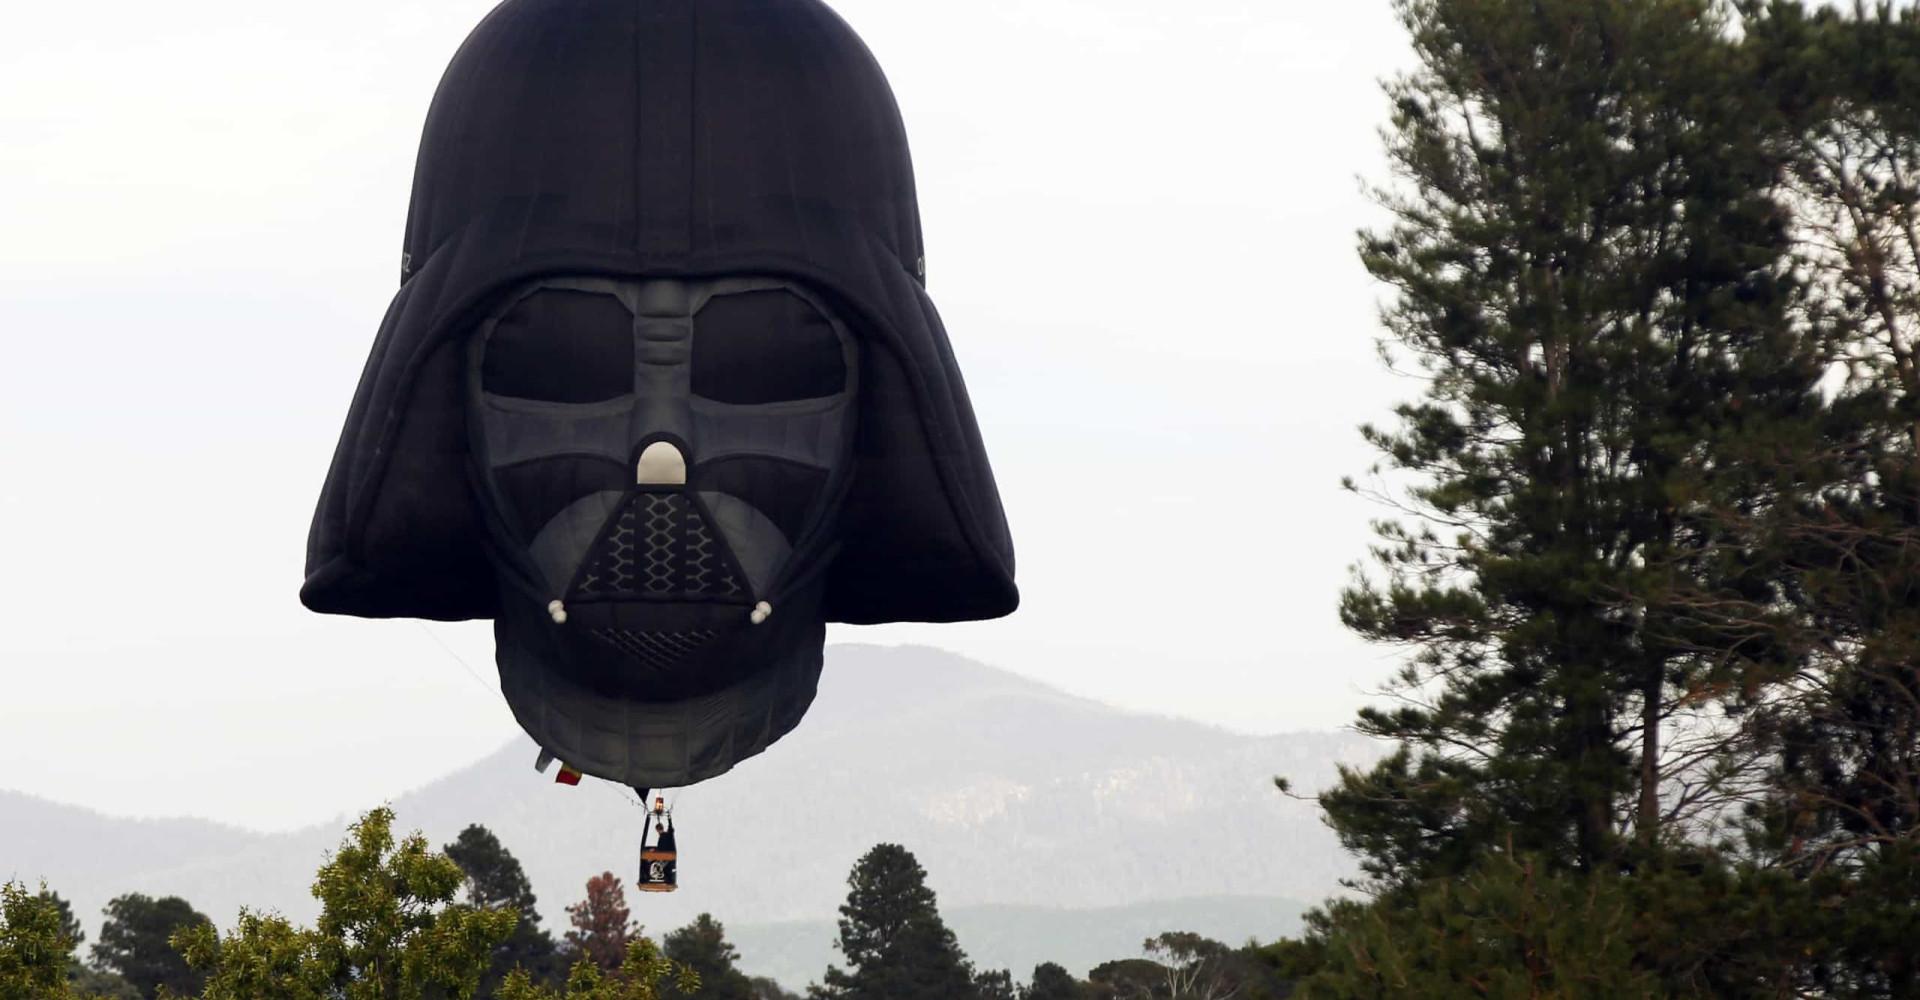 Imponerande och unika luftballonger